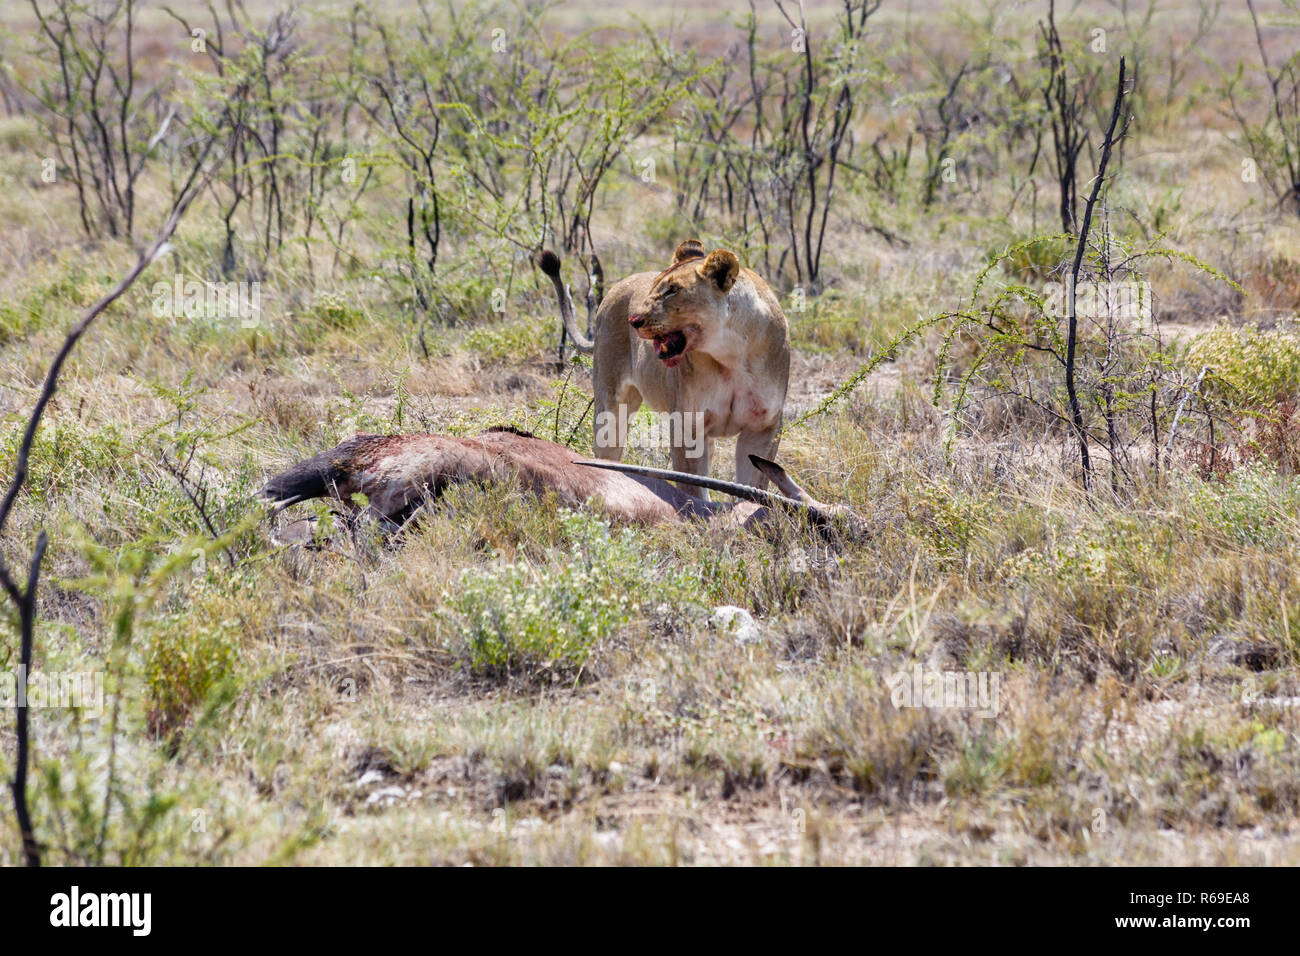 Lion With Killed Antelope, Etosha National Park, Namibia Stock Photo